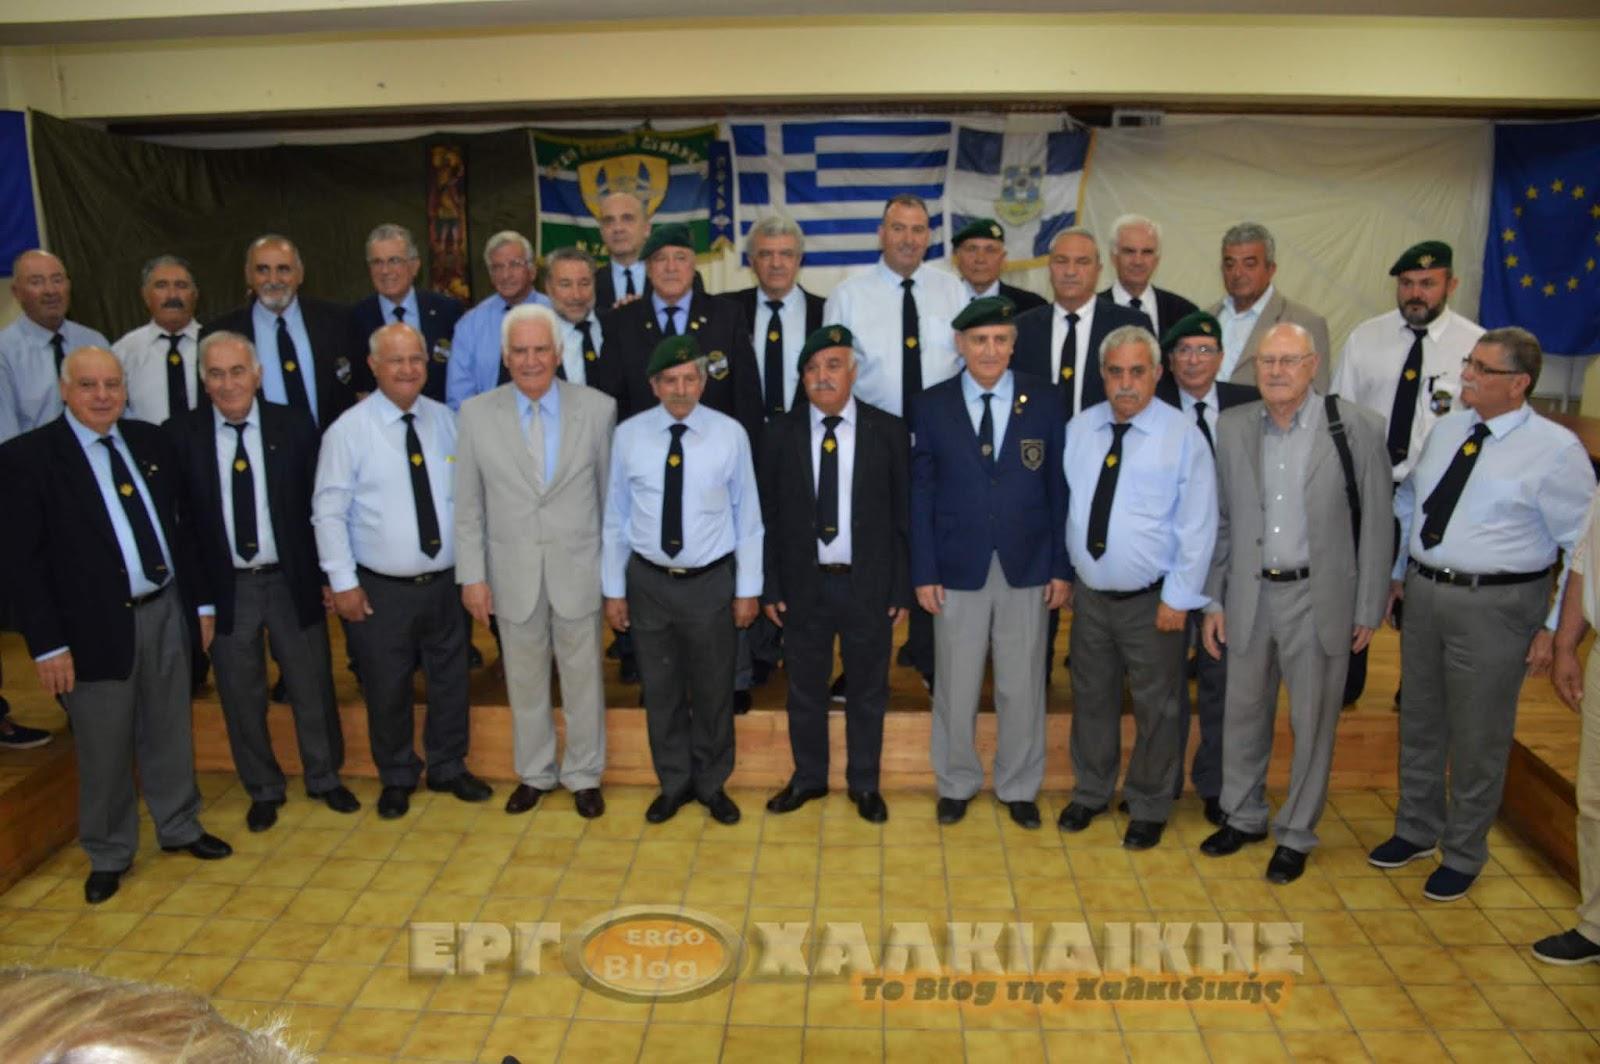 Διδυμοποίηση της Λέσχης Ειδικών Δυνάμεων Νομού Χαλκιδικής με τον Σύνδεσμο Καταδρομέων Επαρχίας Λεμεσού Κύπρου